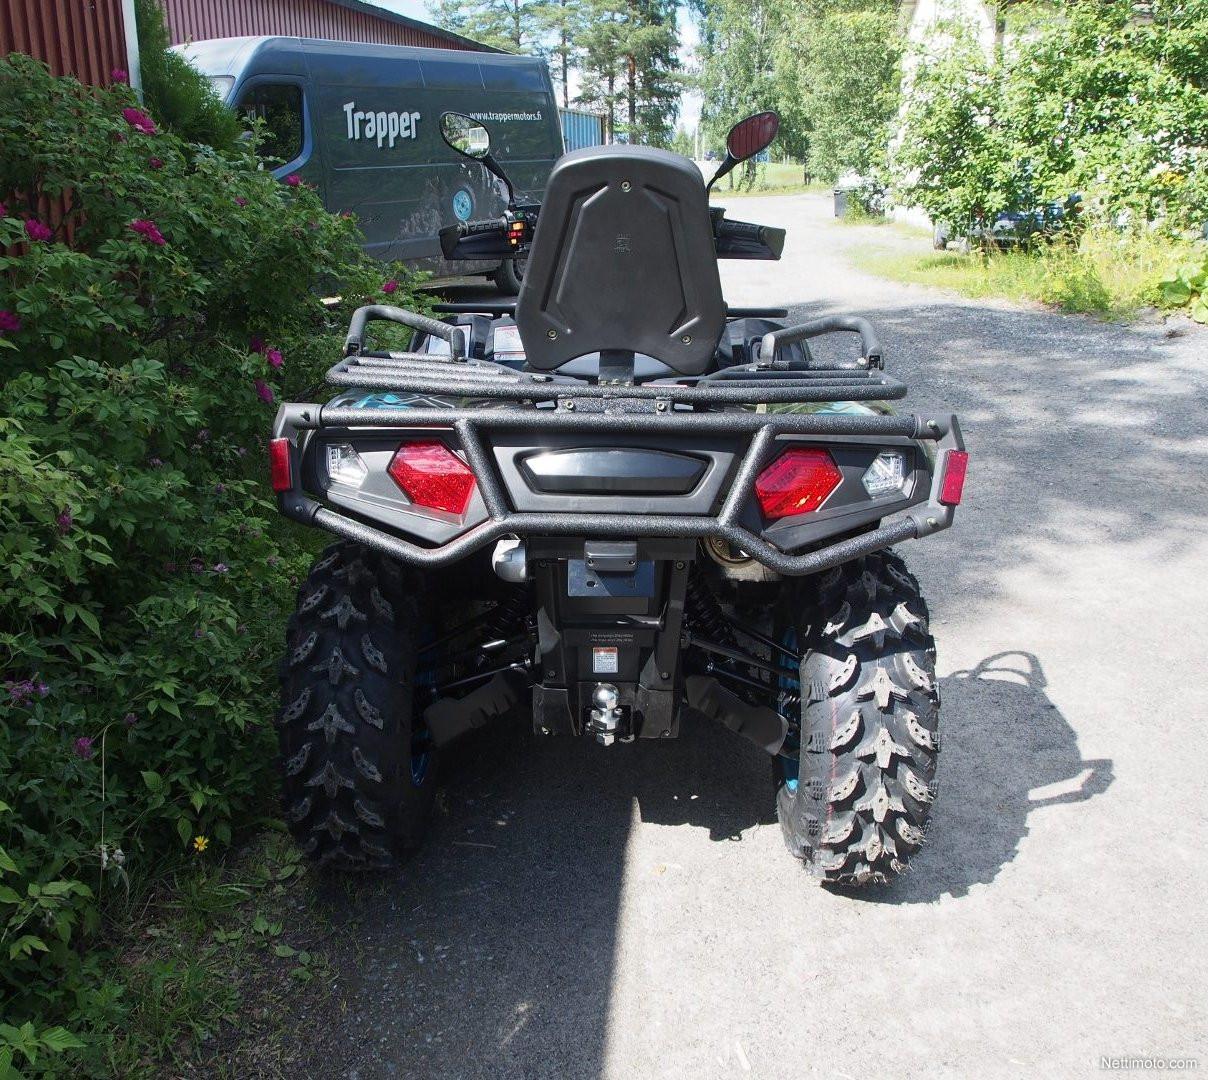 Trapper 550